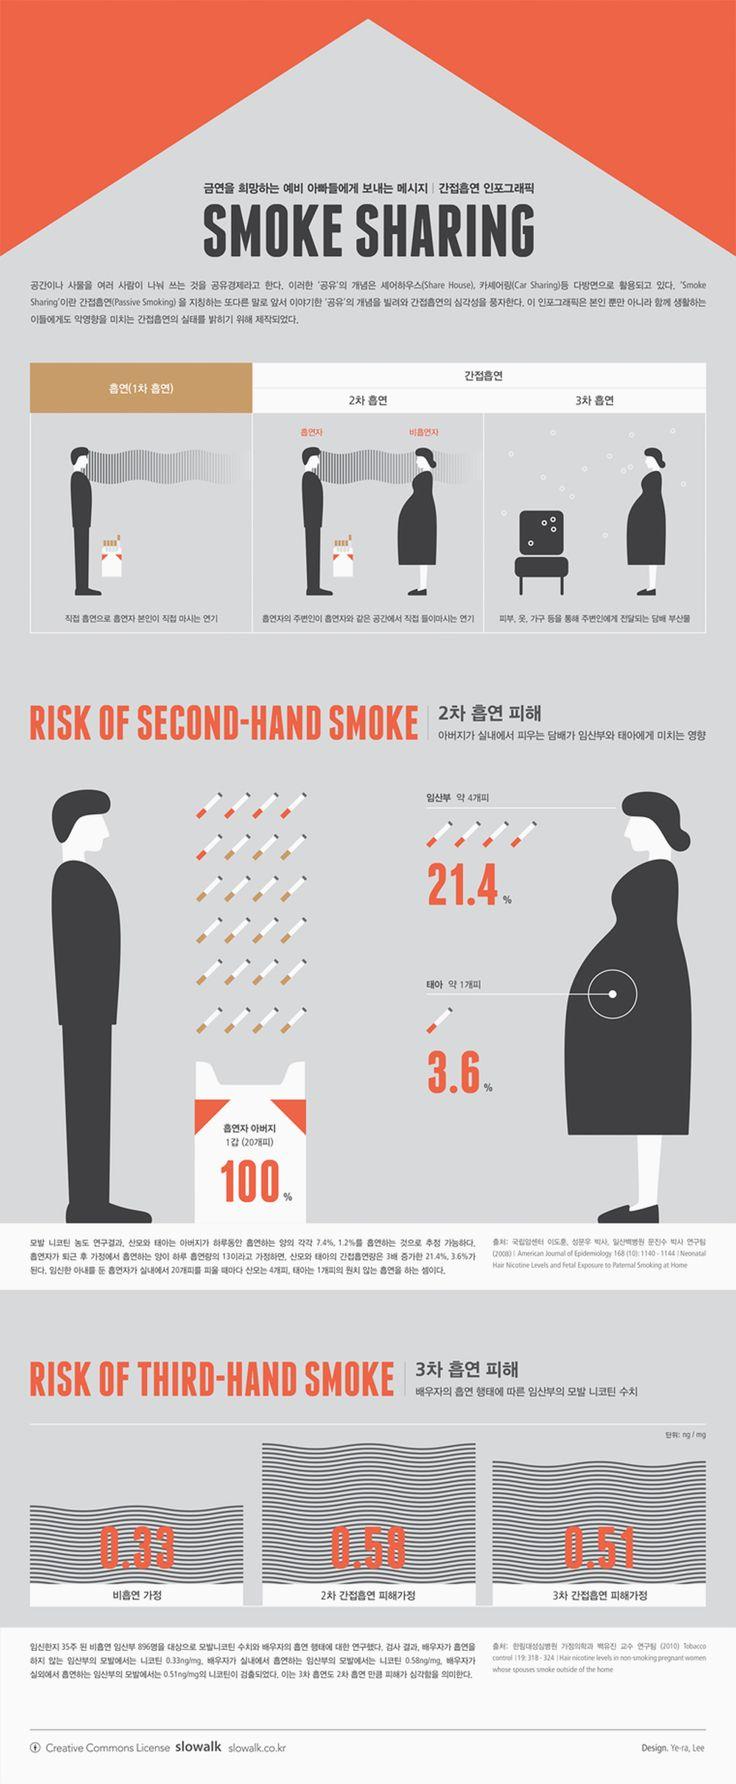 [Infographic] 'SMOKE SHARING' 간접흡연에 관한 인포그래픽